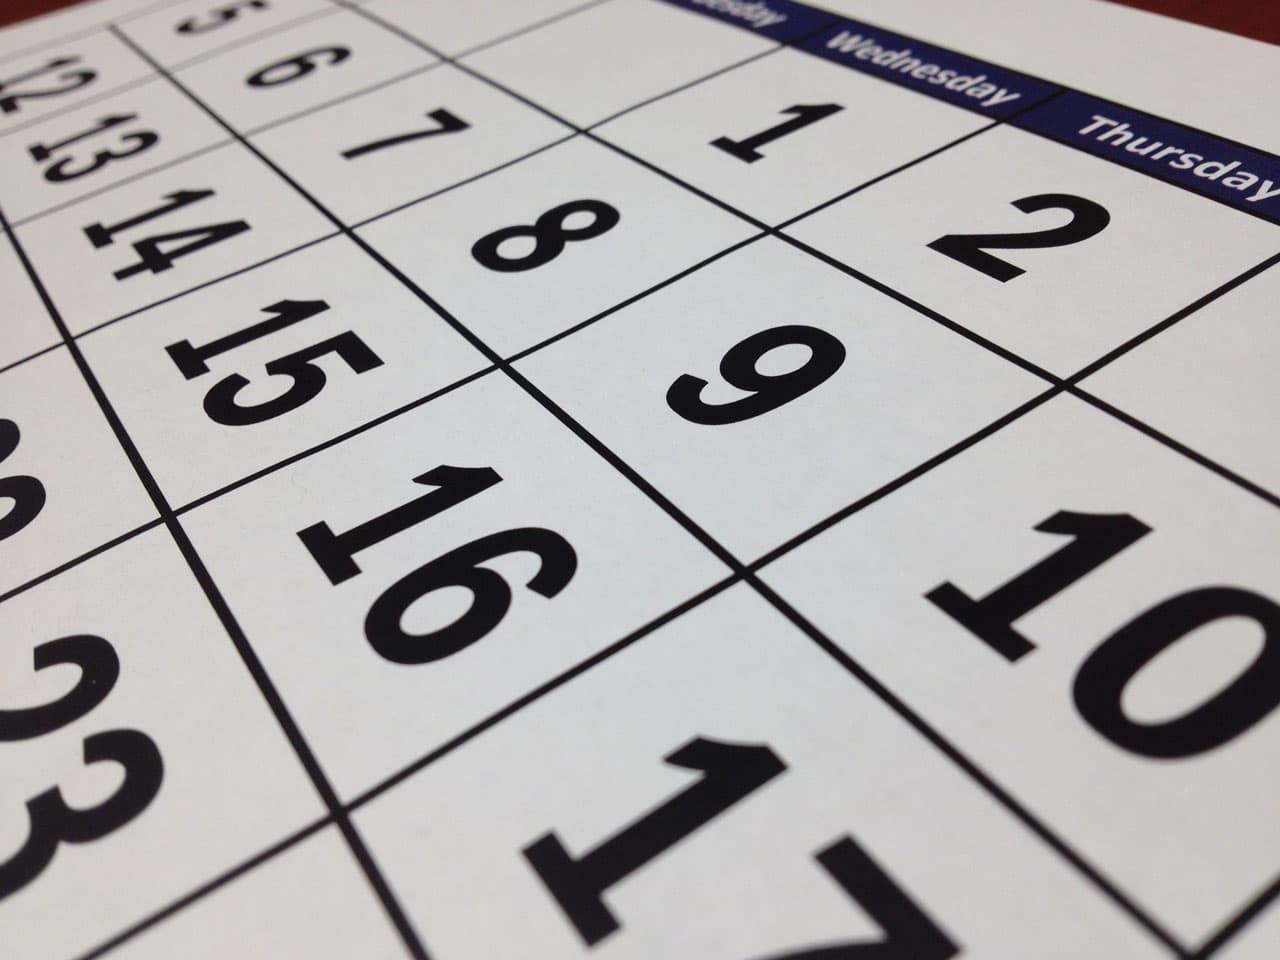 Calendario scolastico 2017/18: tutto quello che c'è da sapere.